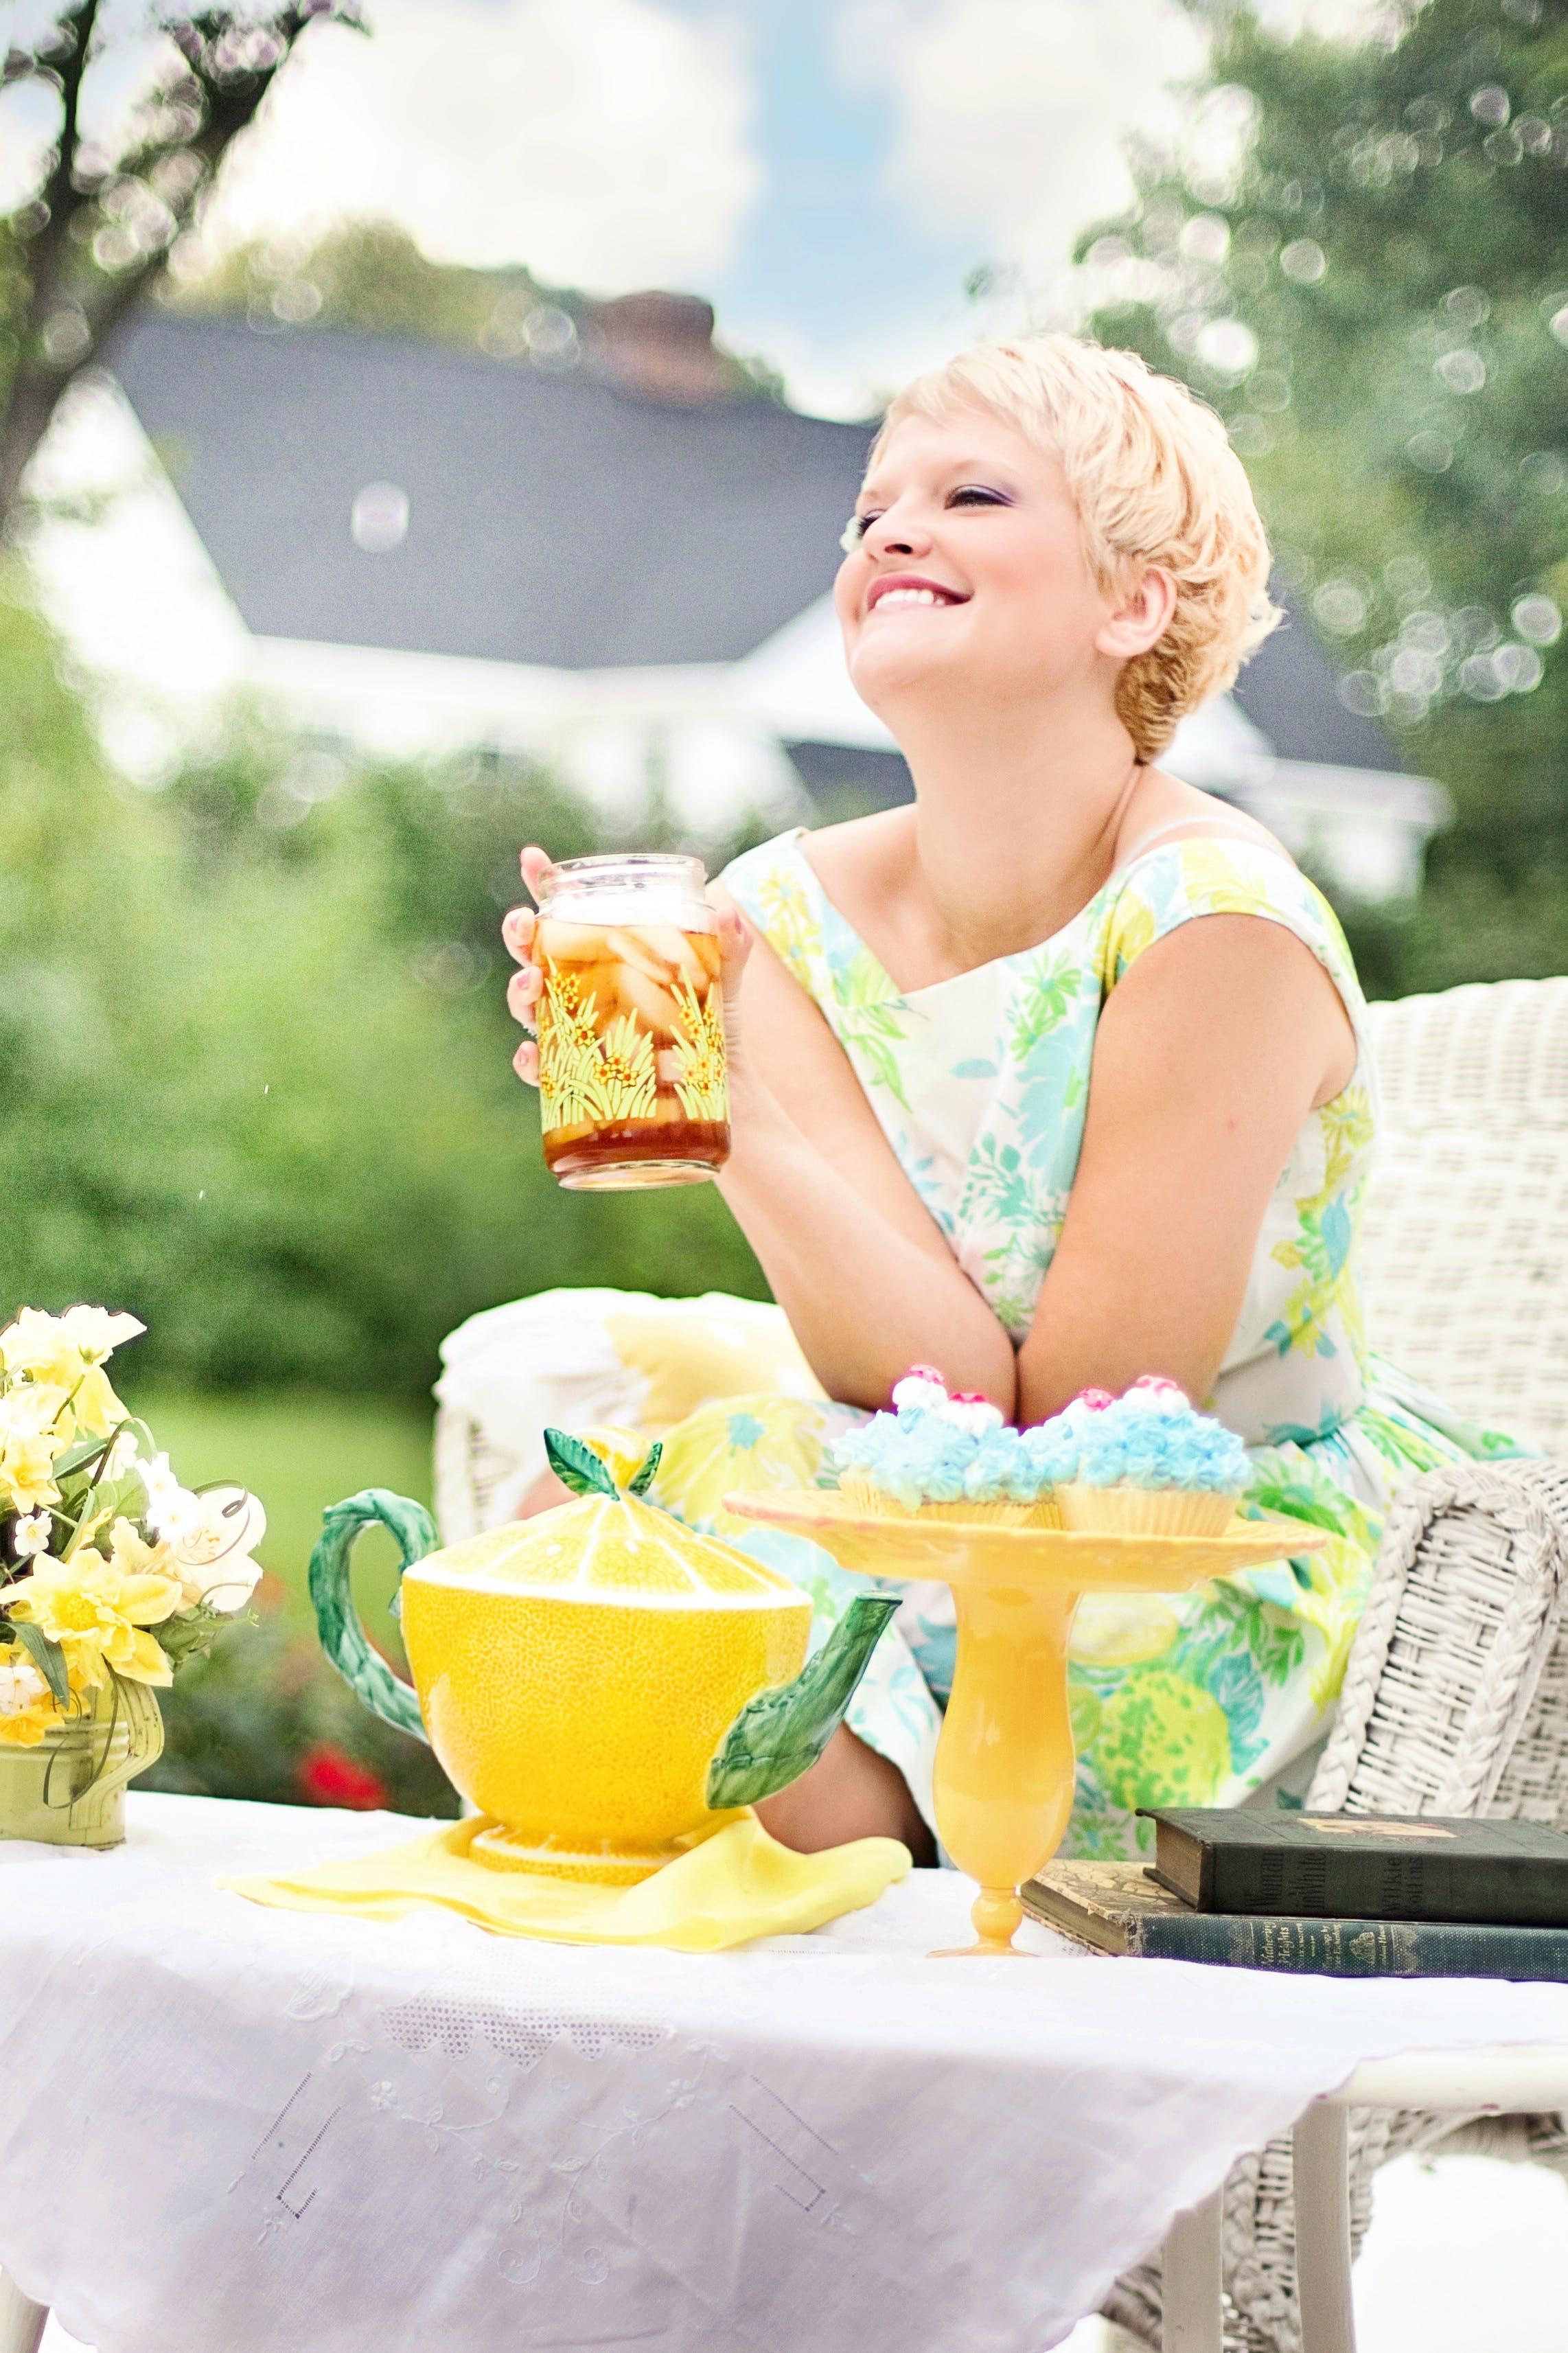 bağbozumu, Bahçe, Çay, çaydanlık içeren Ücretsiz stok fotoğraf